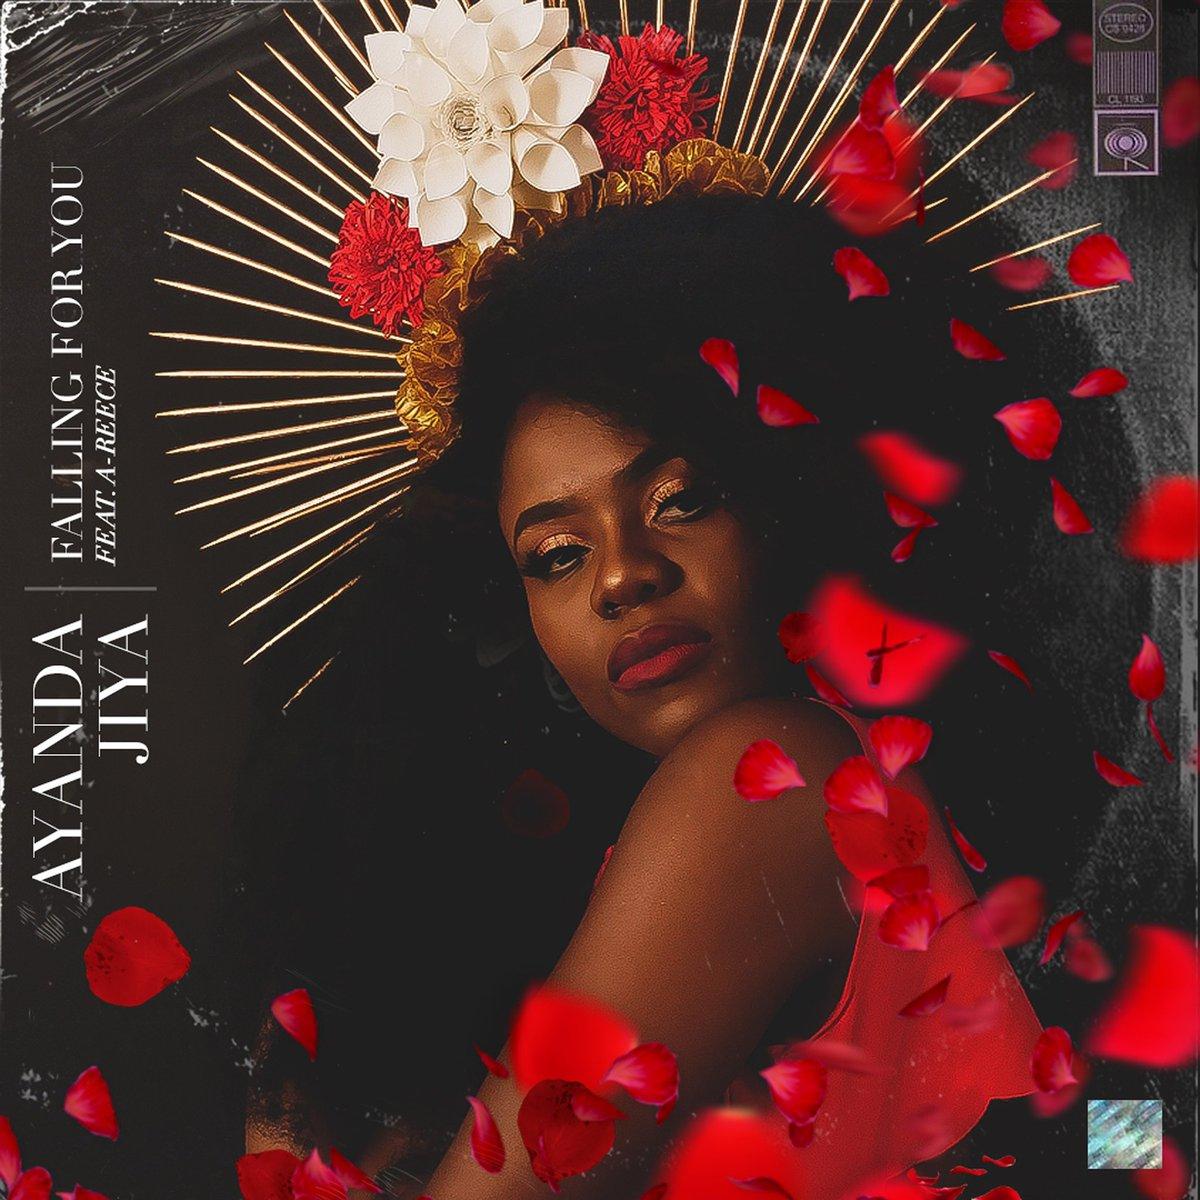 Ayanda Jiya to release Falling For You music video, featuring A-Reece